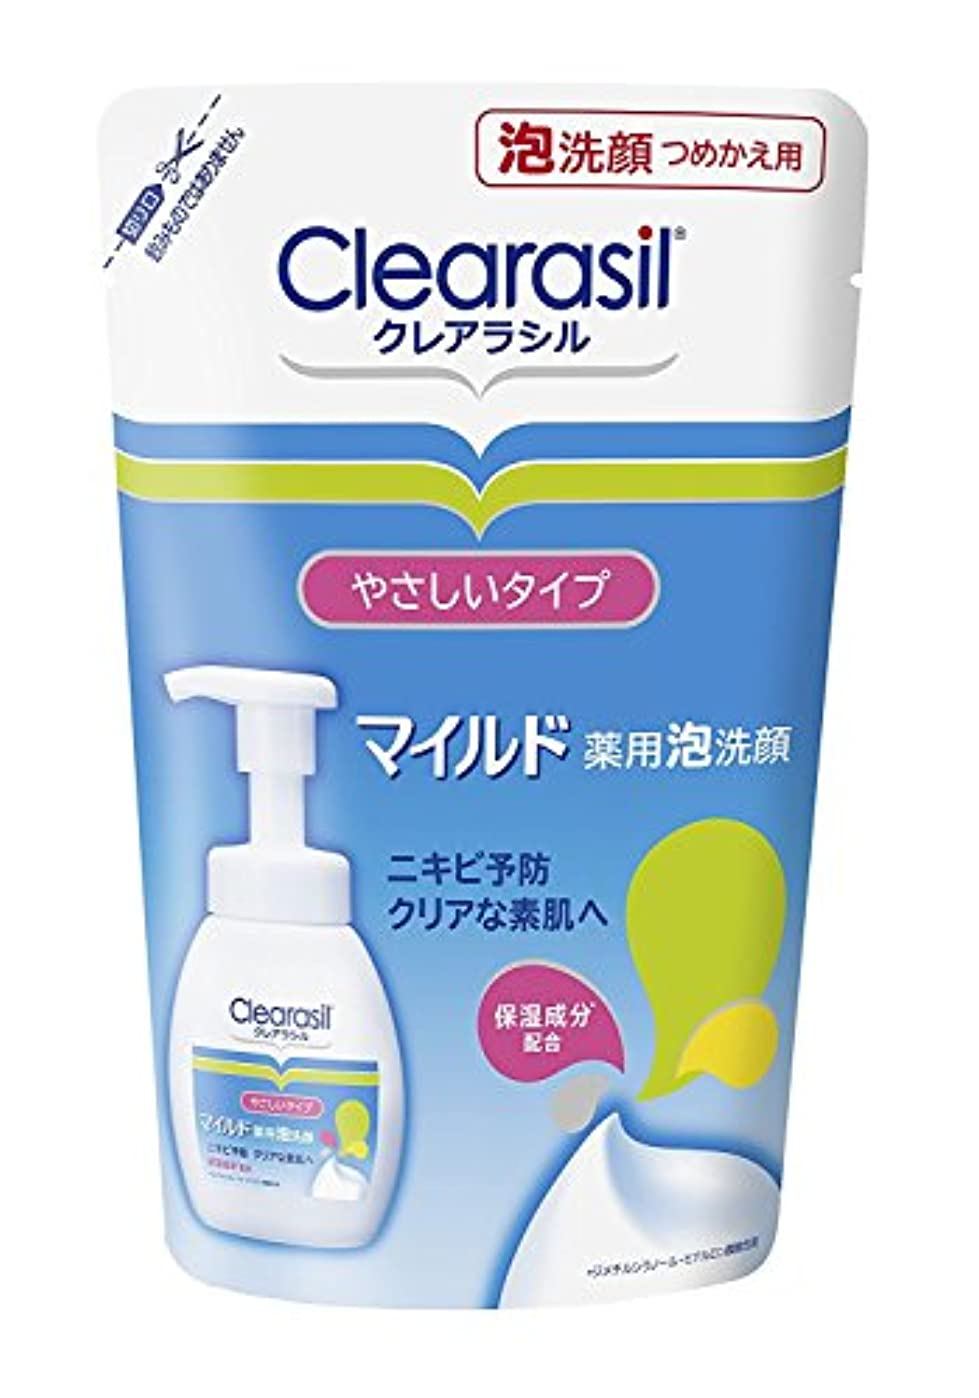 スタイルに付けるうなるクレアラシル 薬用泡洗顔フォーム マイルドタイプ つめかえ用(180mL)×36点セット (4906156100303)